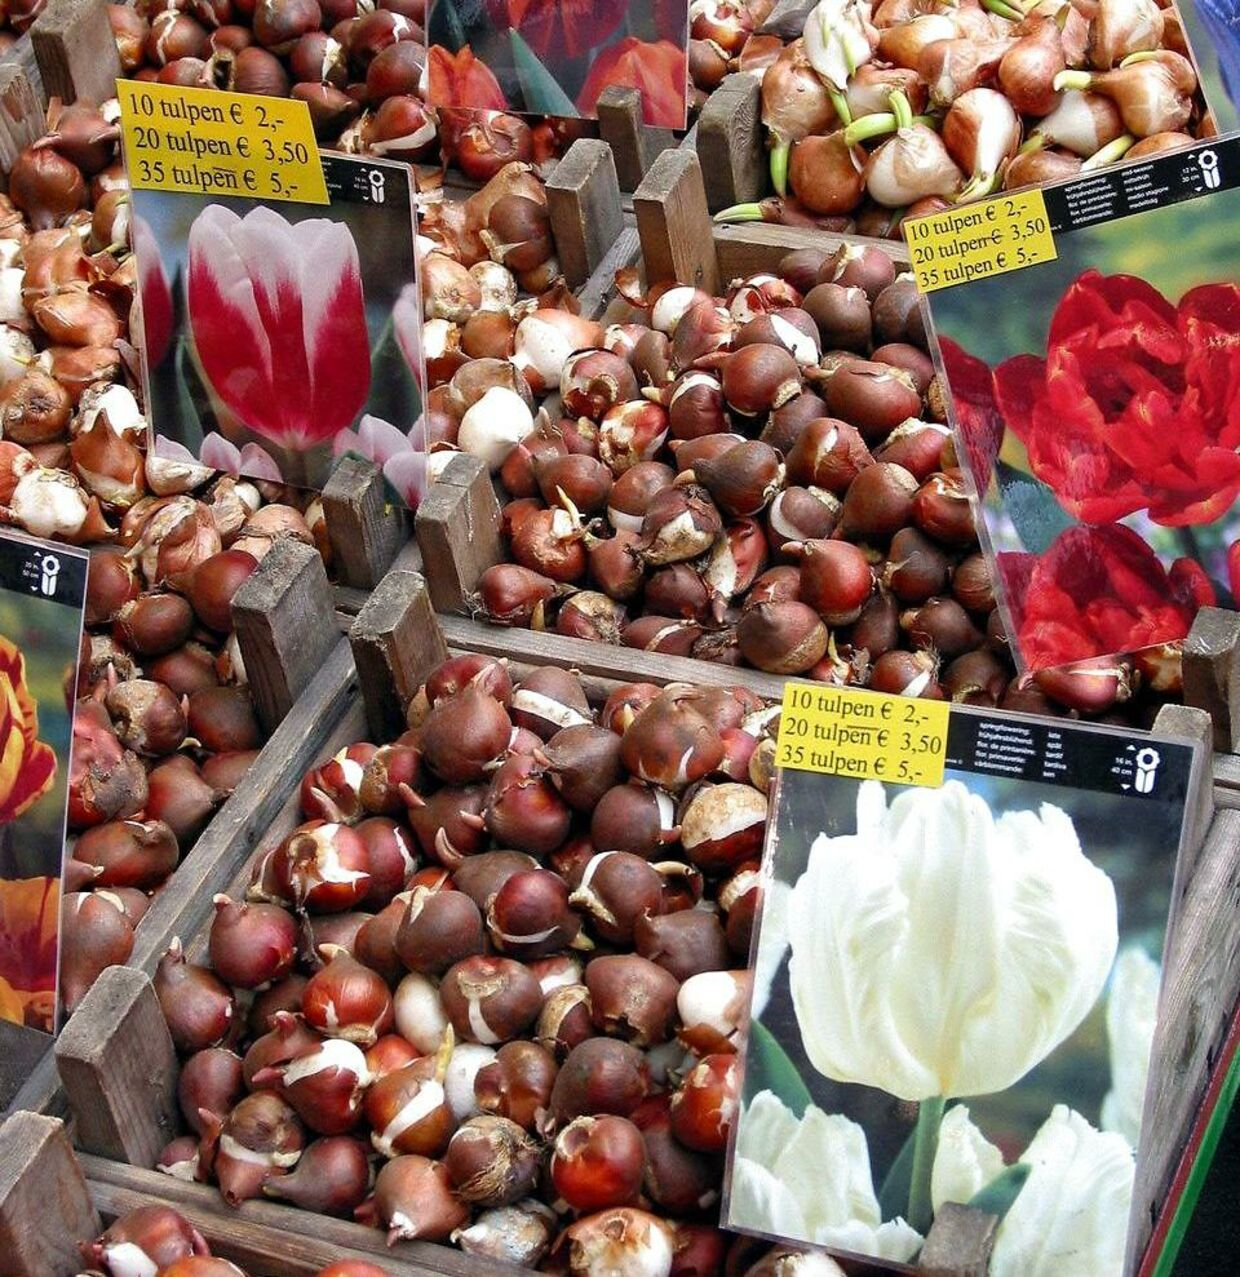 ARKIVFOTO af tulipanløg solgt i Amsterdam.